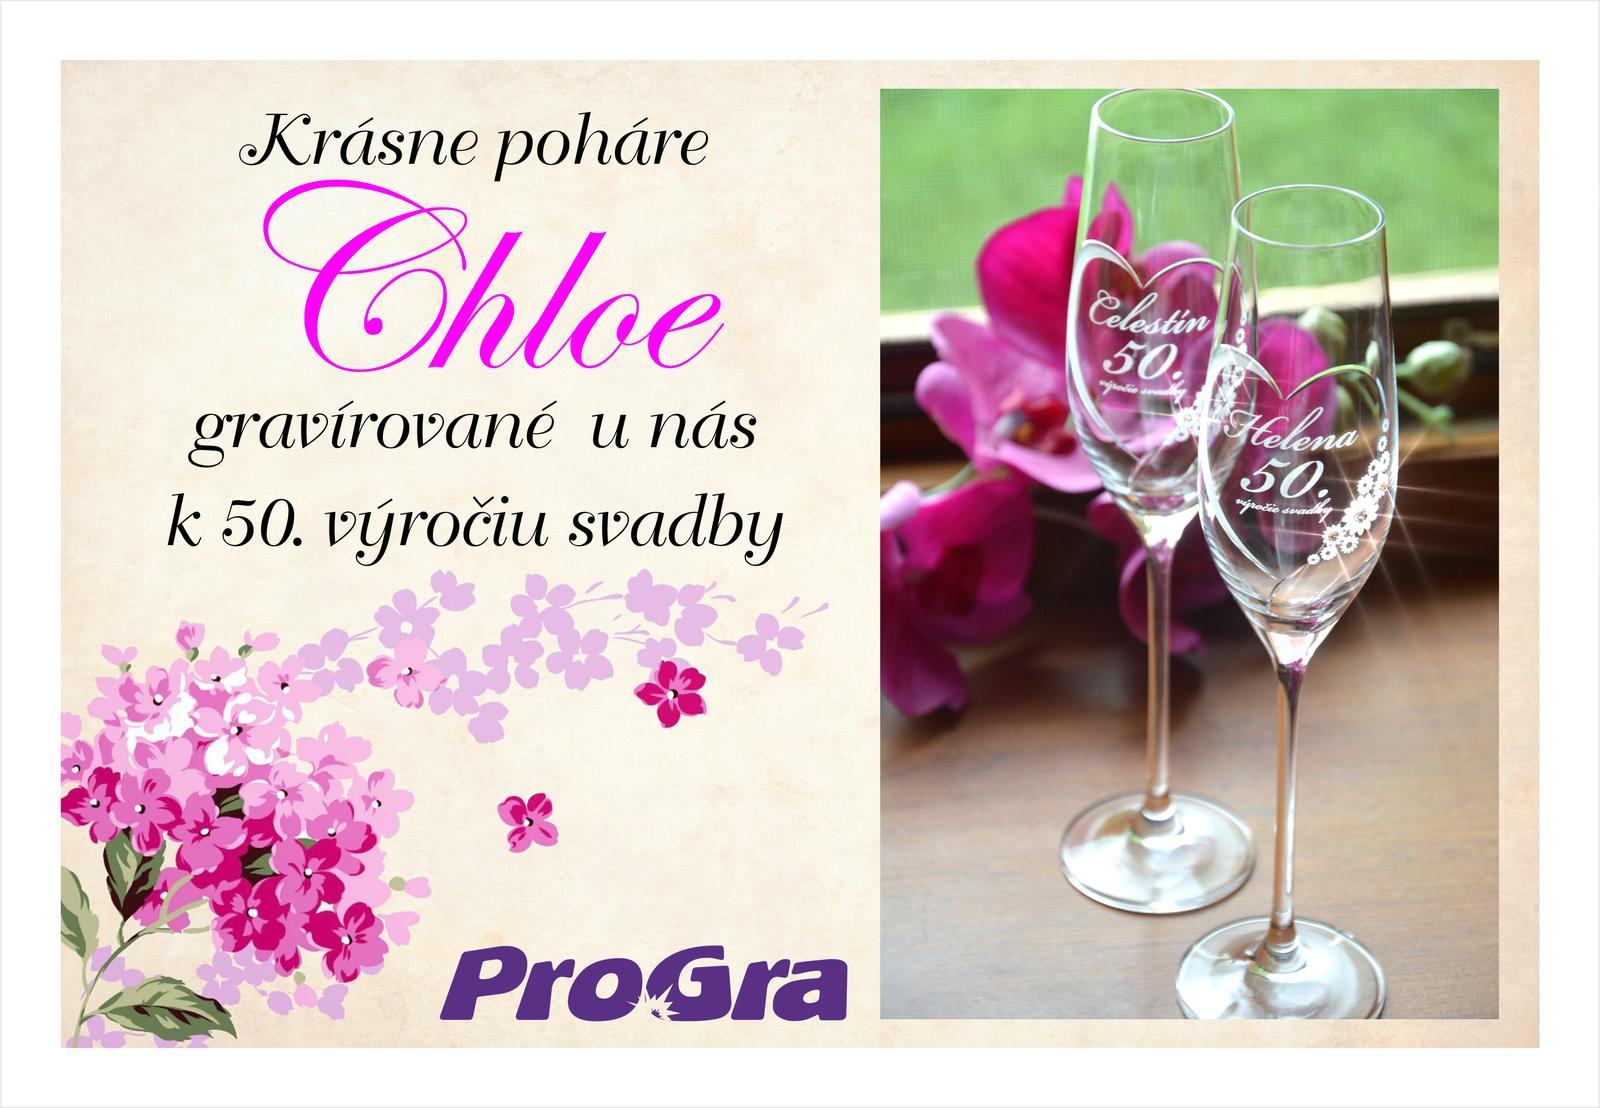 Svatební skleničky - Krásne 50. výročie svadby - obdivujeme a gratulujeme :-)